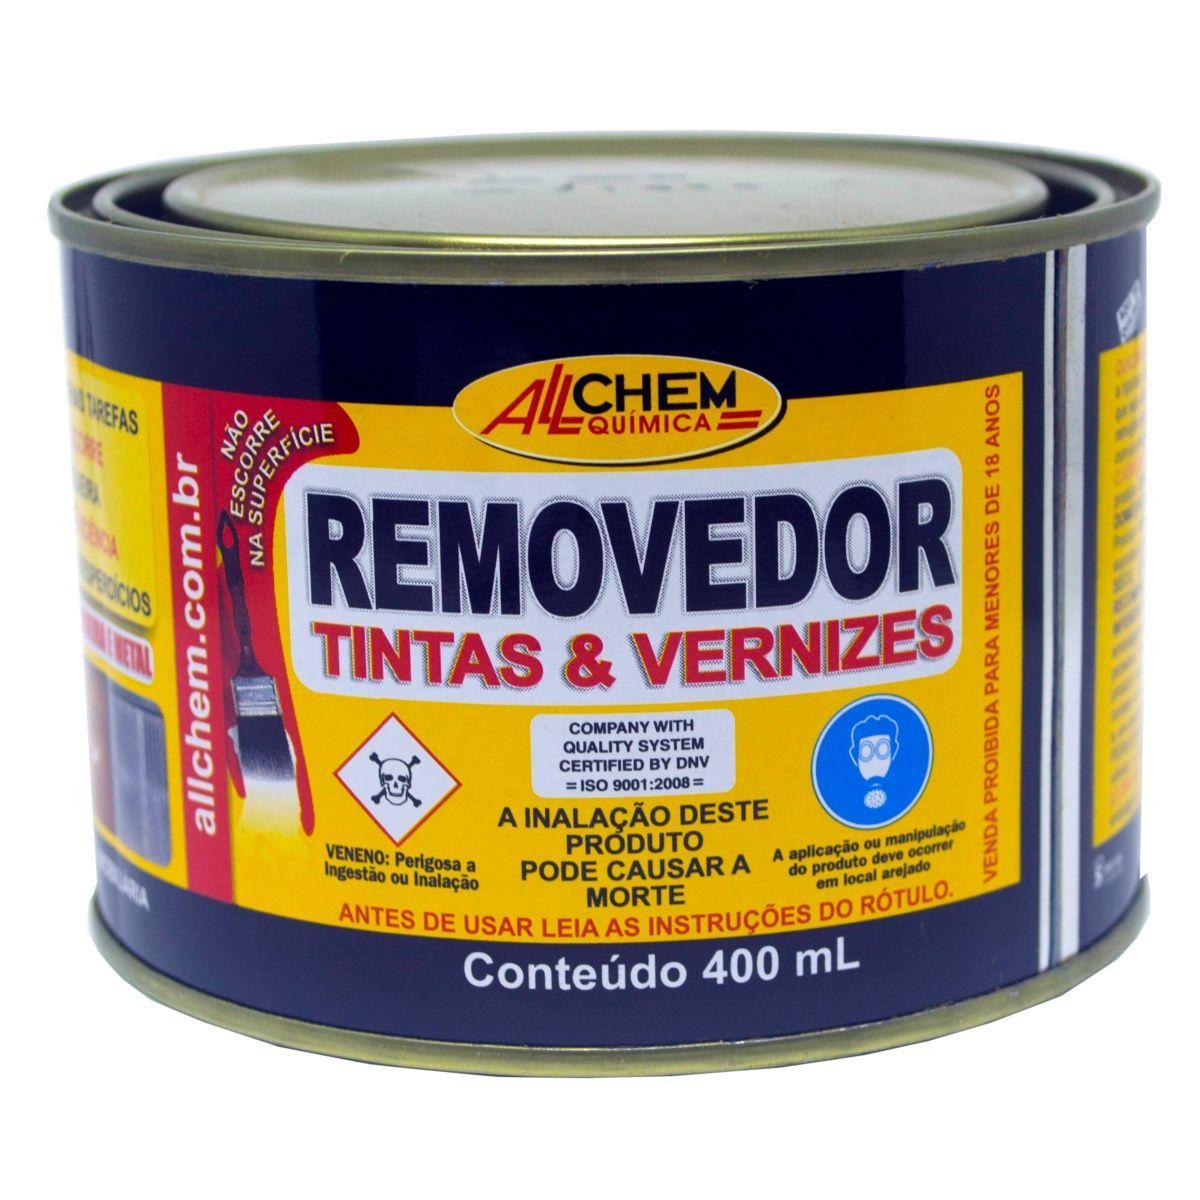 removedor-de-tintas-e-vernizes-allchem